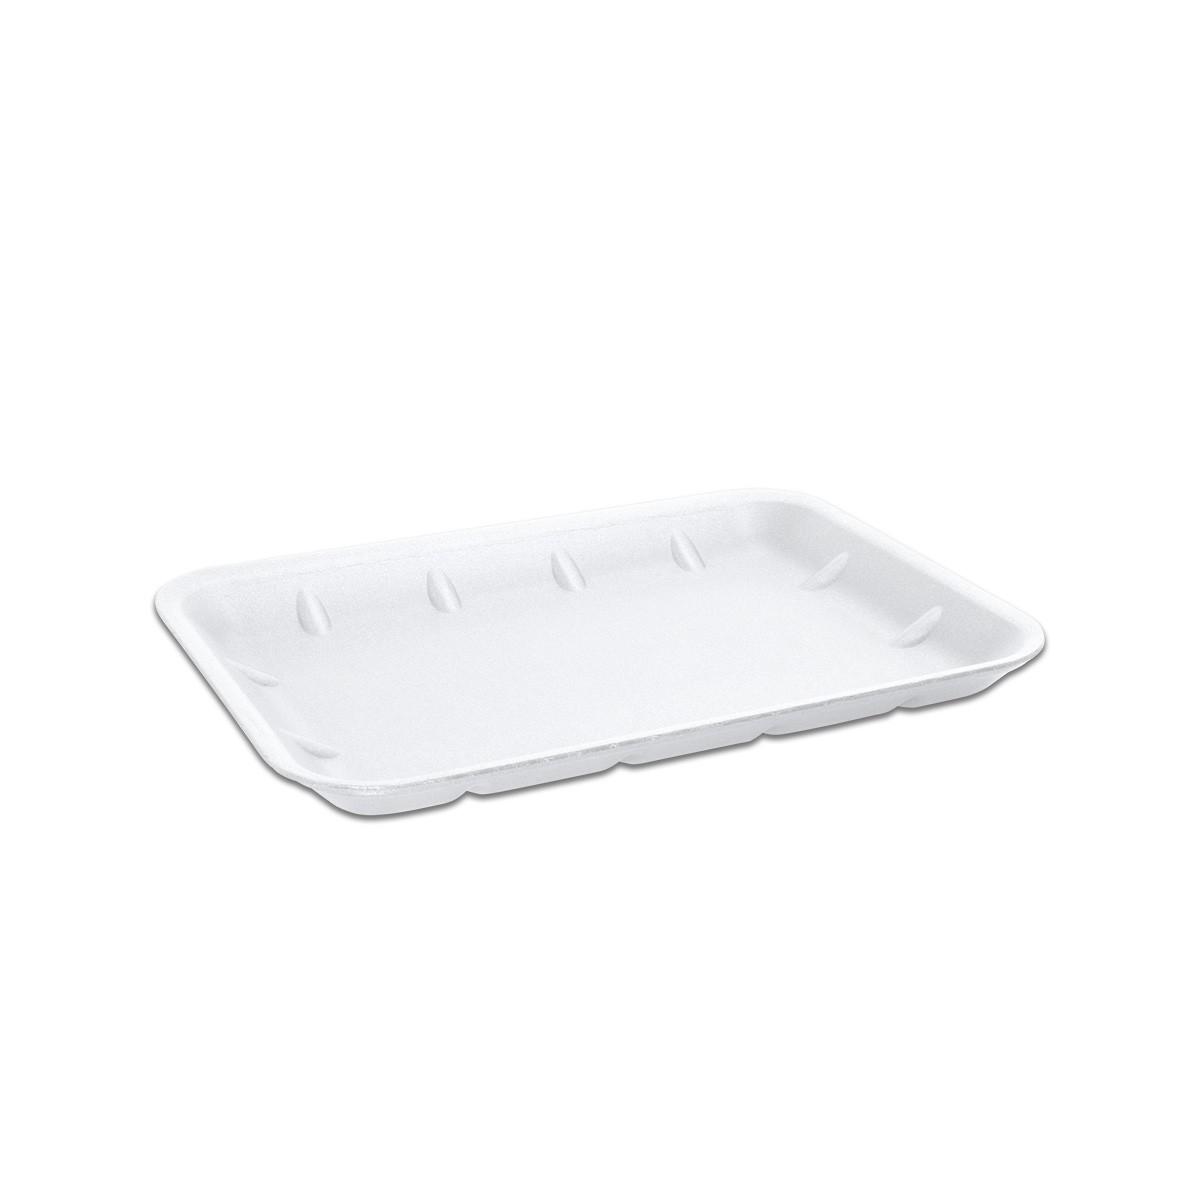 Foam Tray 265x189x20mm - White | 250pcs